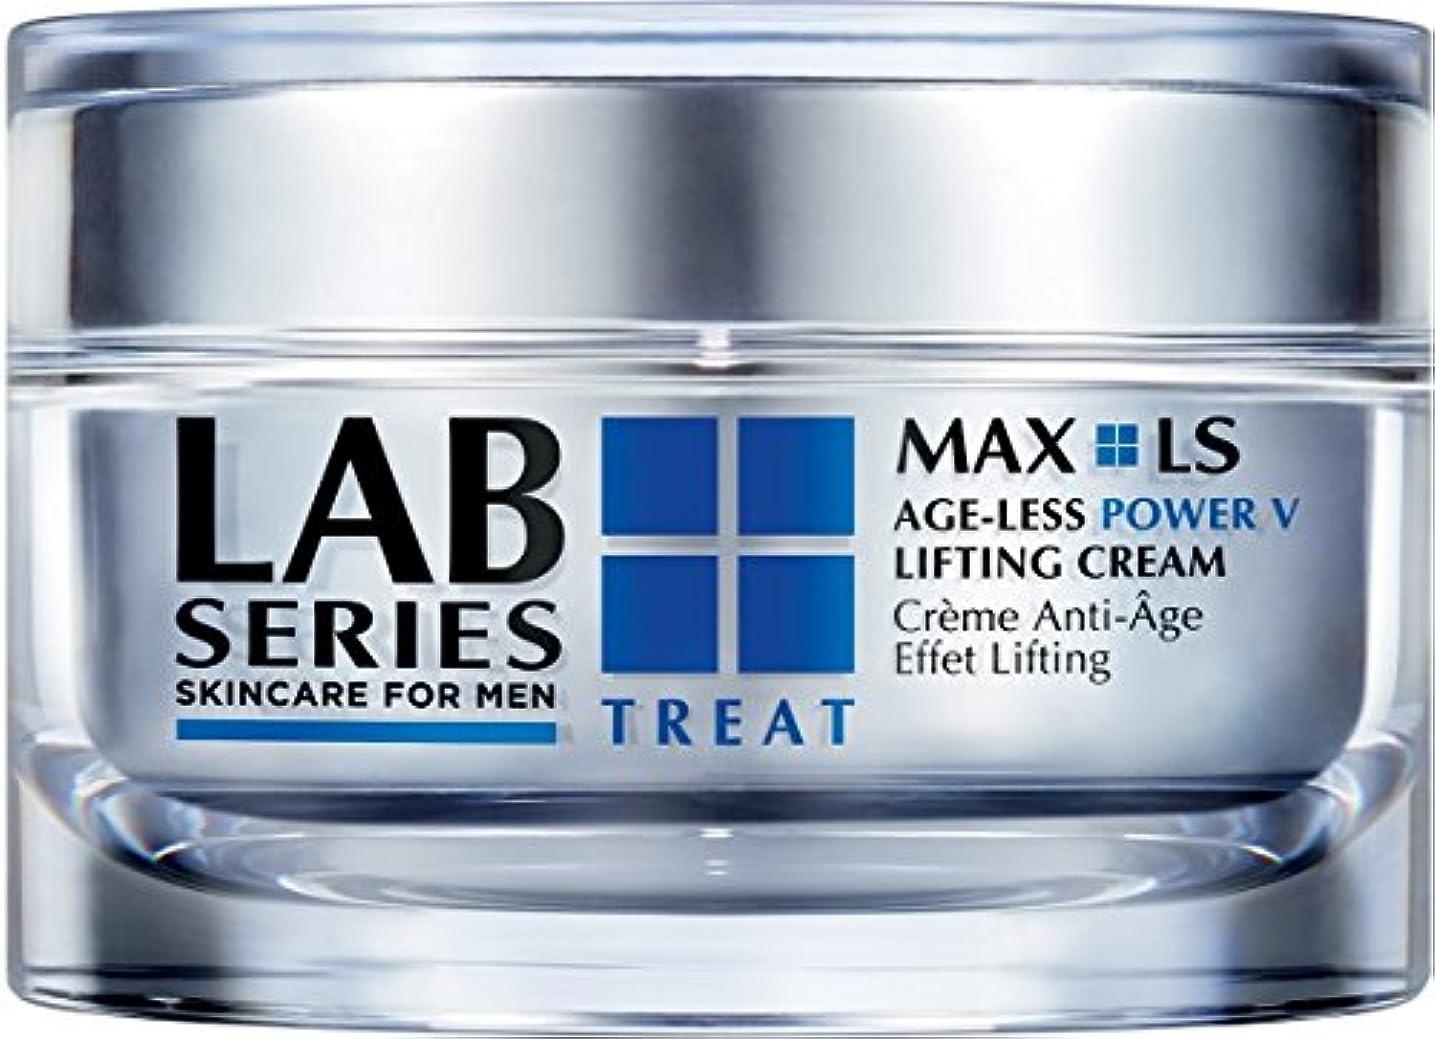 記憶に残る母音緊張するラボシリーズ (LAB SERIES) マックス LS V クリーム 50mL